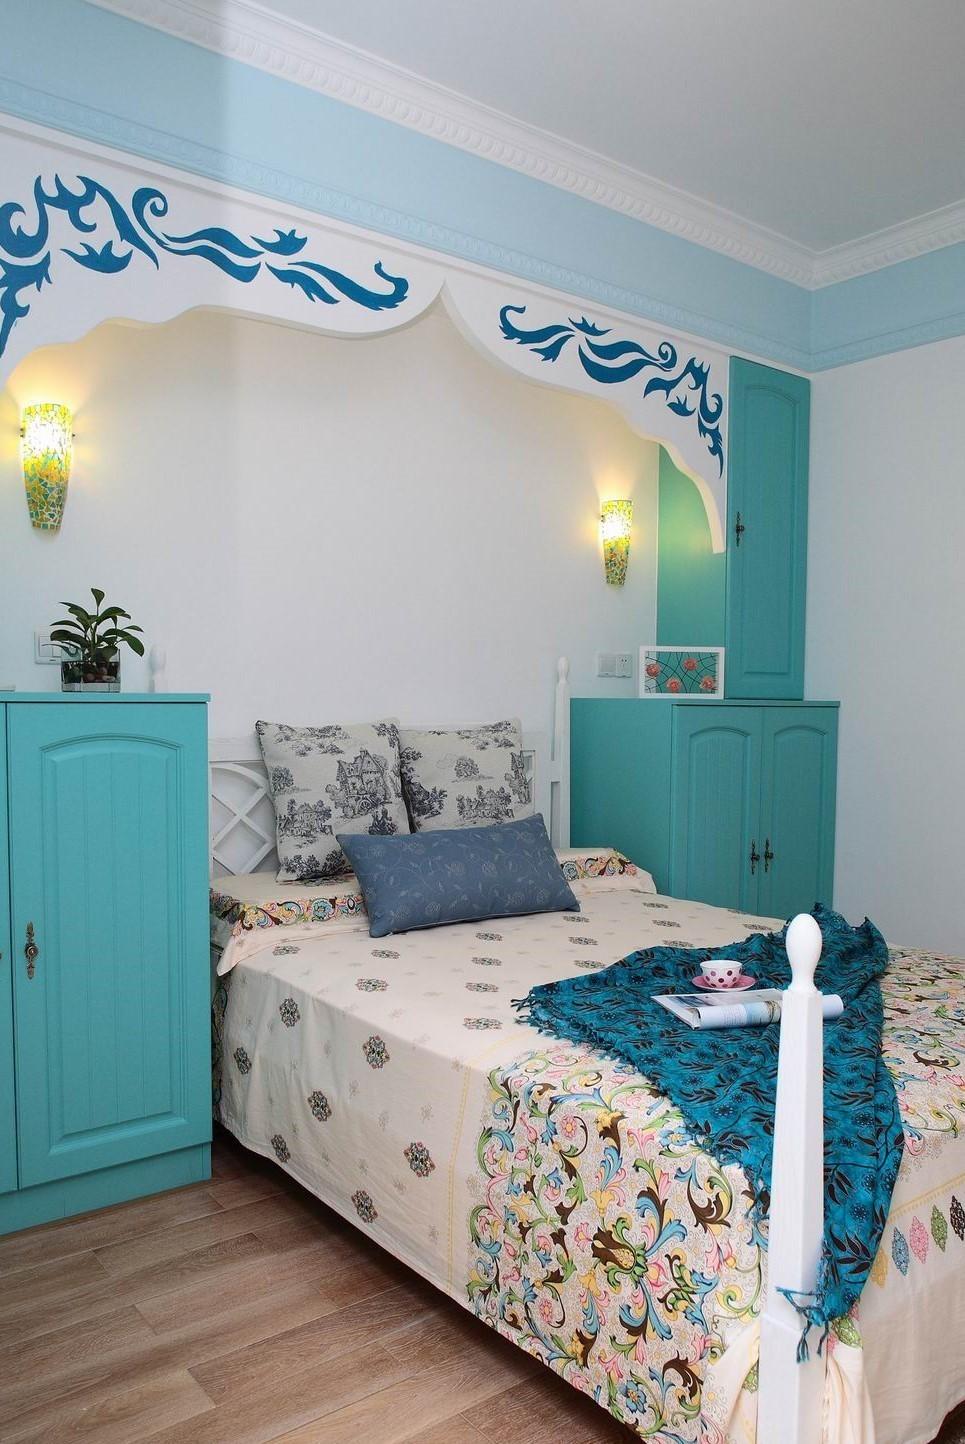 2020地中海卧室装修设计图片 2020地中海床头柜装修设计图片